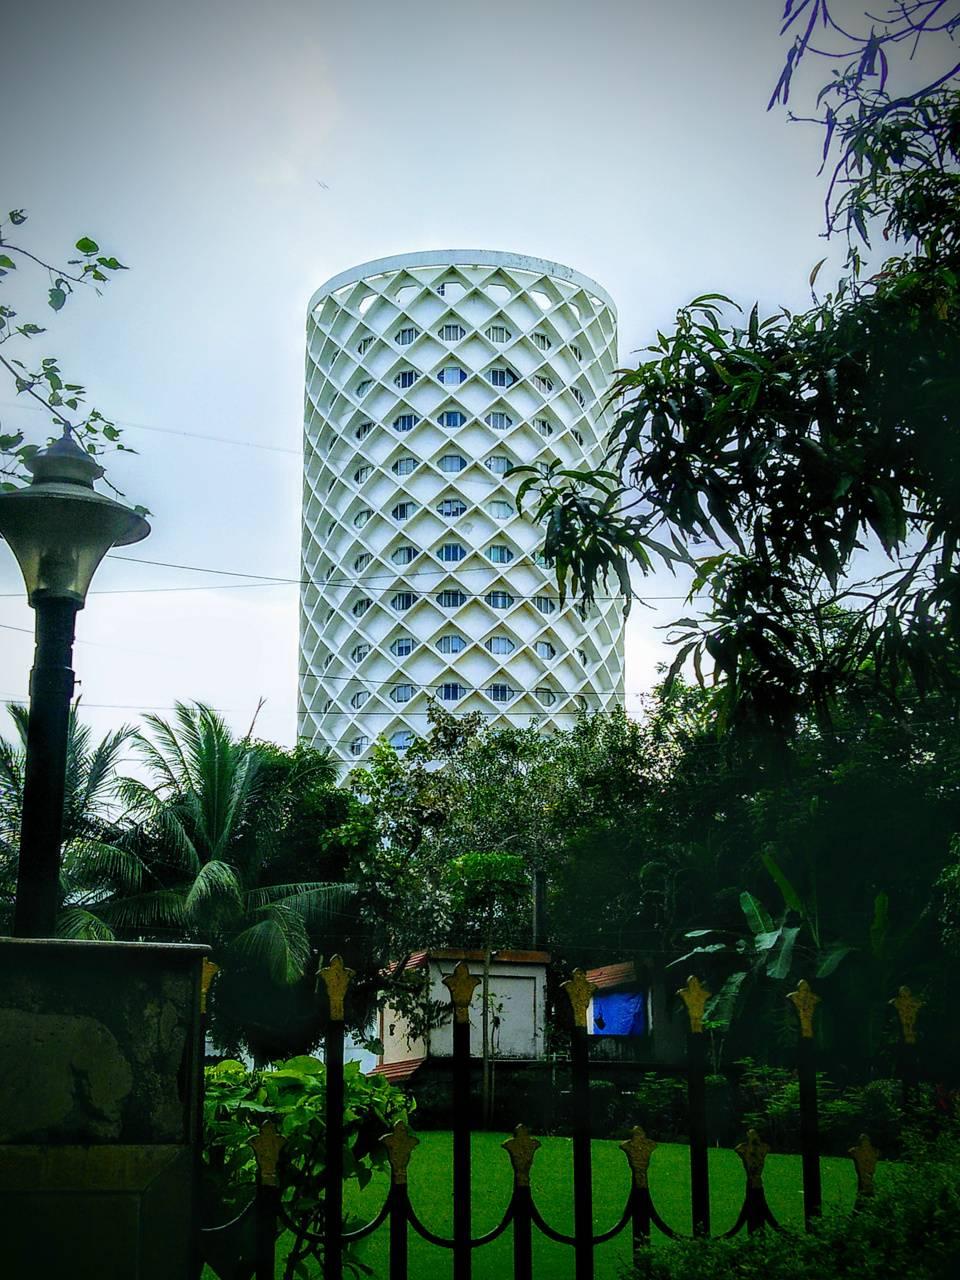 Landscape building